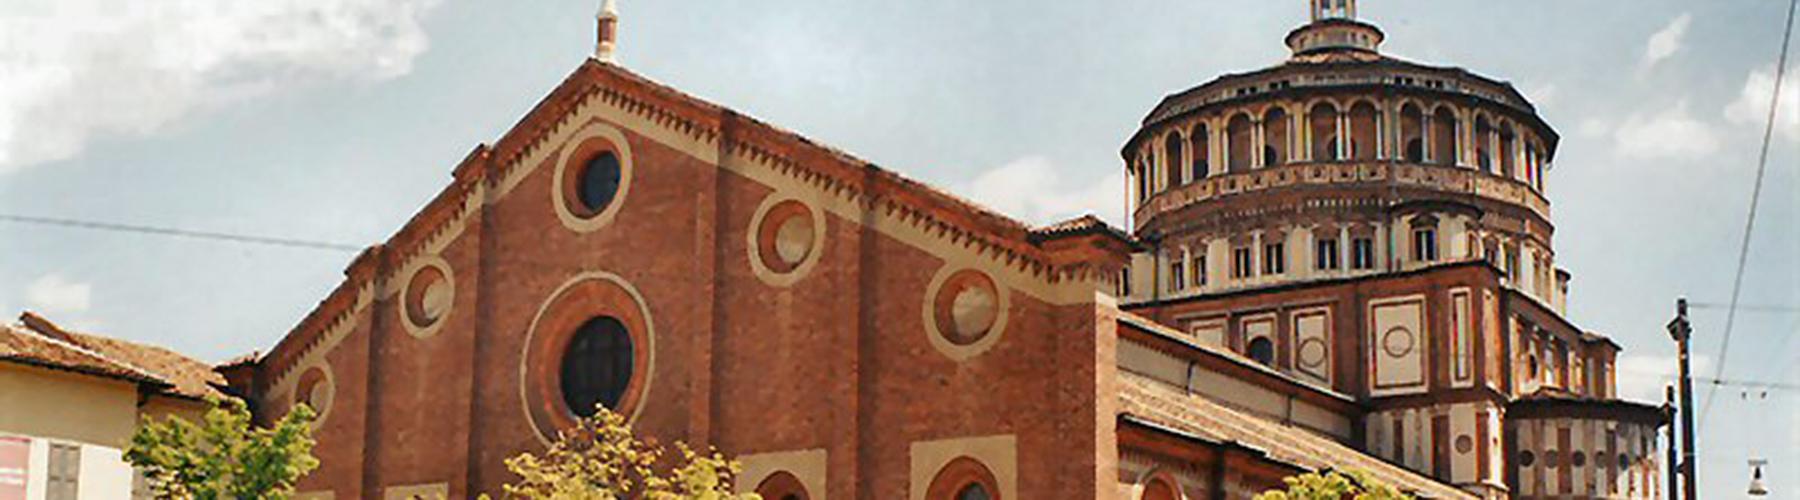 밀라노 - 산타마리아 델레 그라치에 성당에 가까운 호스텔. 밀라노의 지도, 밀라노에 위치한 호스텔에 대한 사진 및 리뷰.